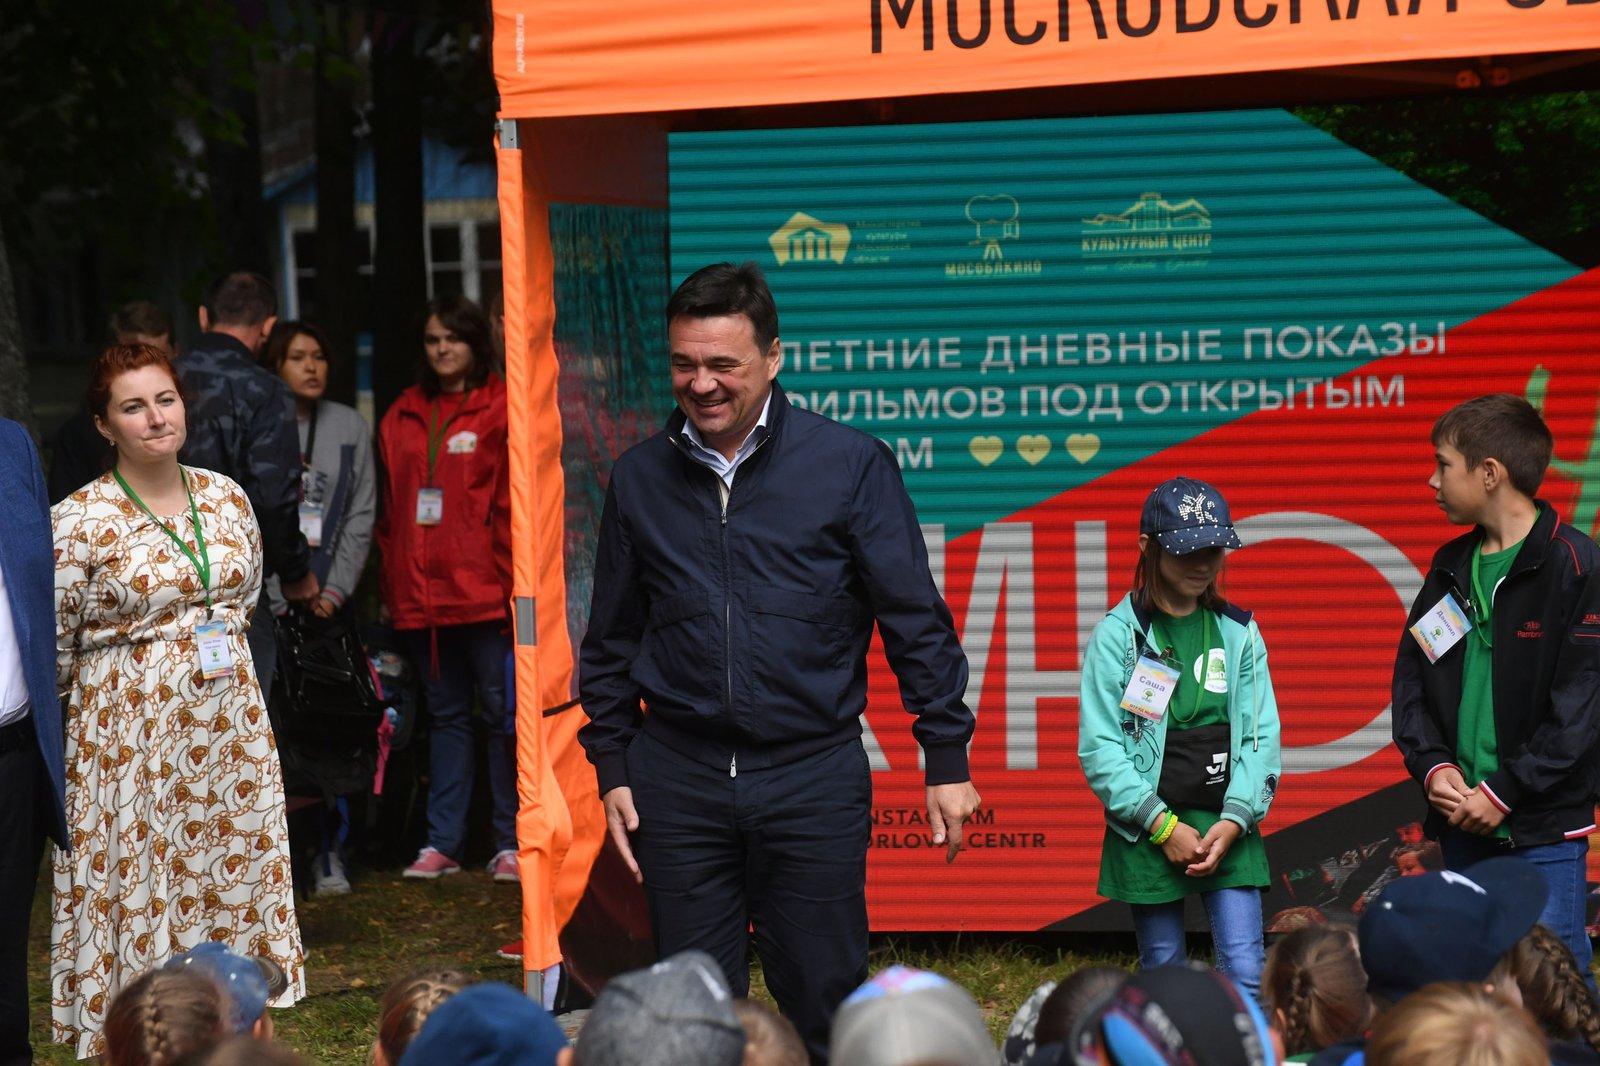 Андрей Воробьев губернатор московской области - Поездка в Волоколамский район: детский отдых, будущее молодежи и новый агрохолдинг